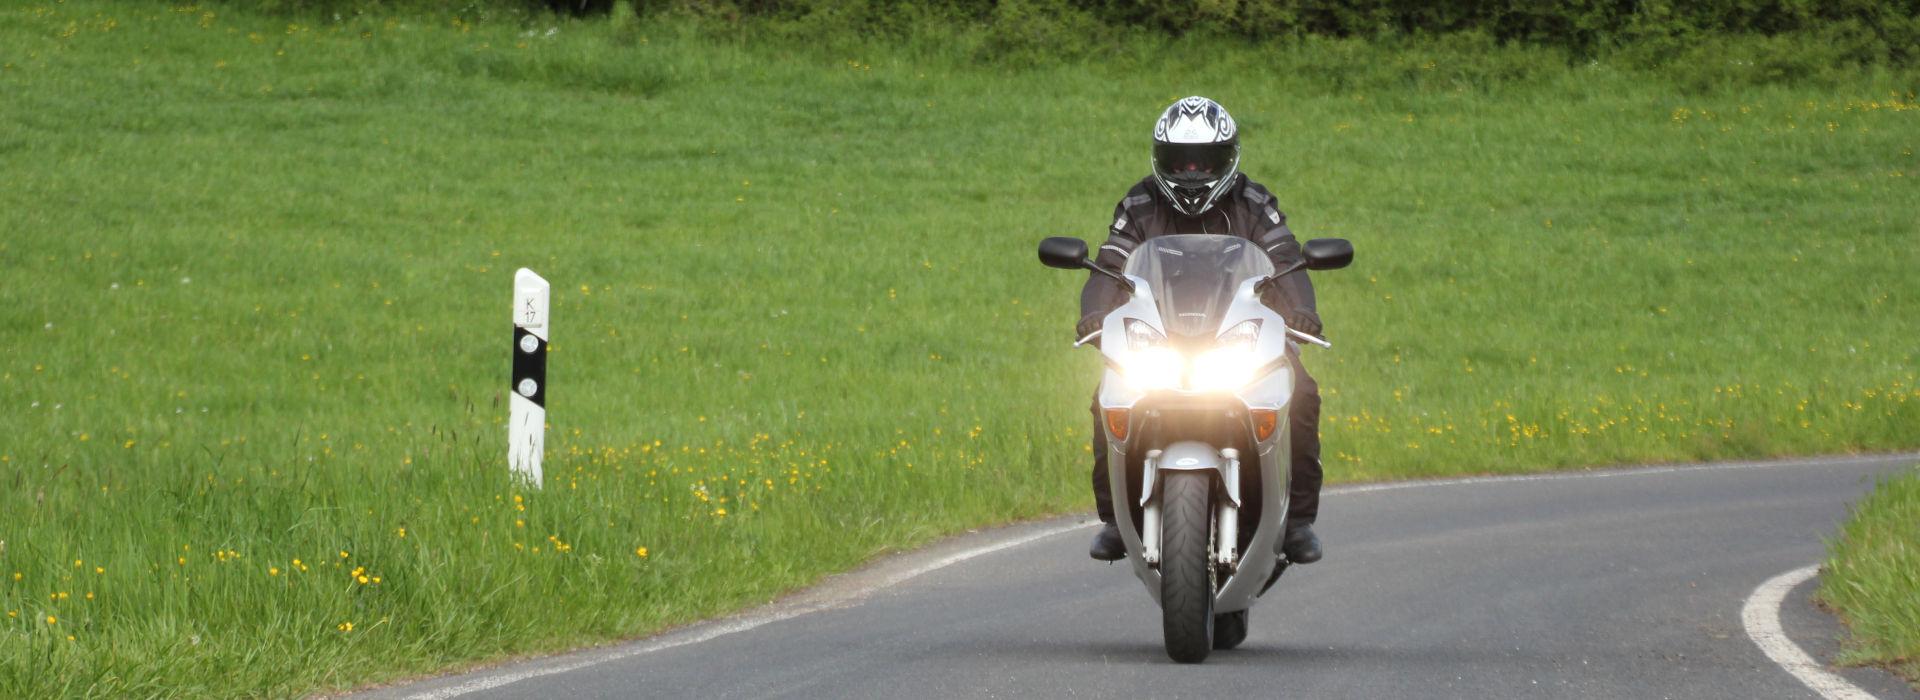 Motorrijschool Motorrijbewijspoint Panheel motorrijlessen